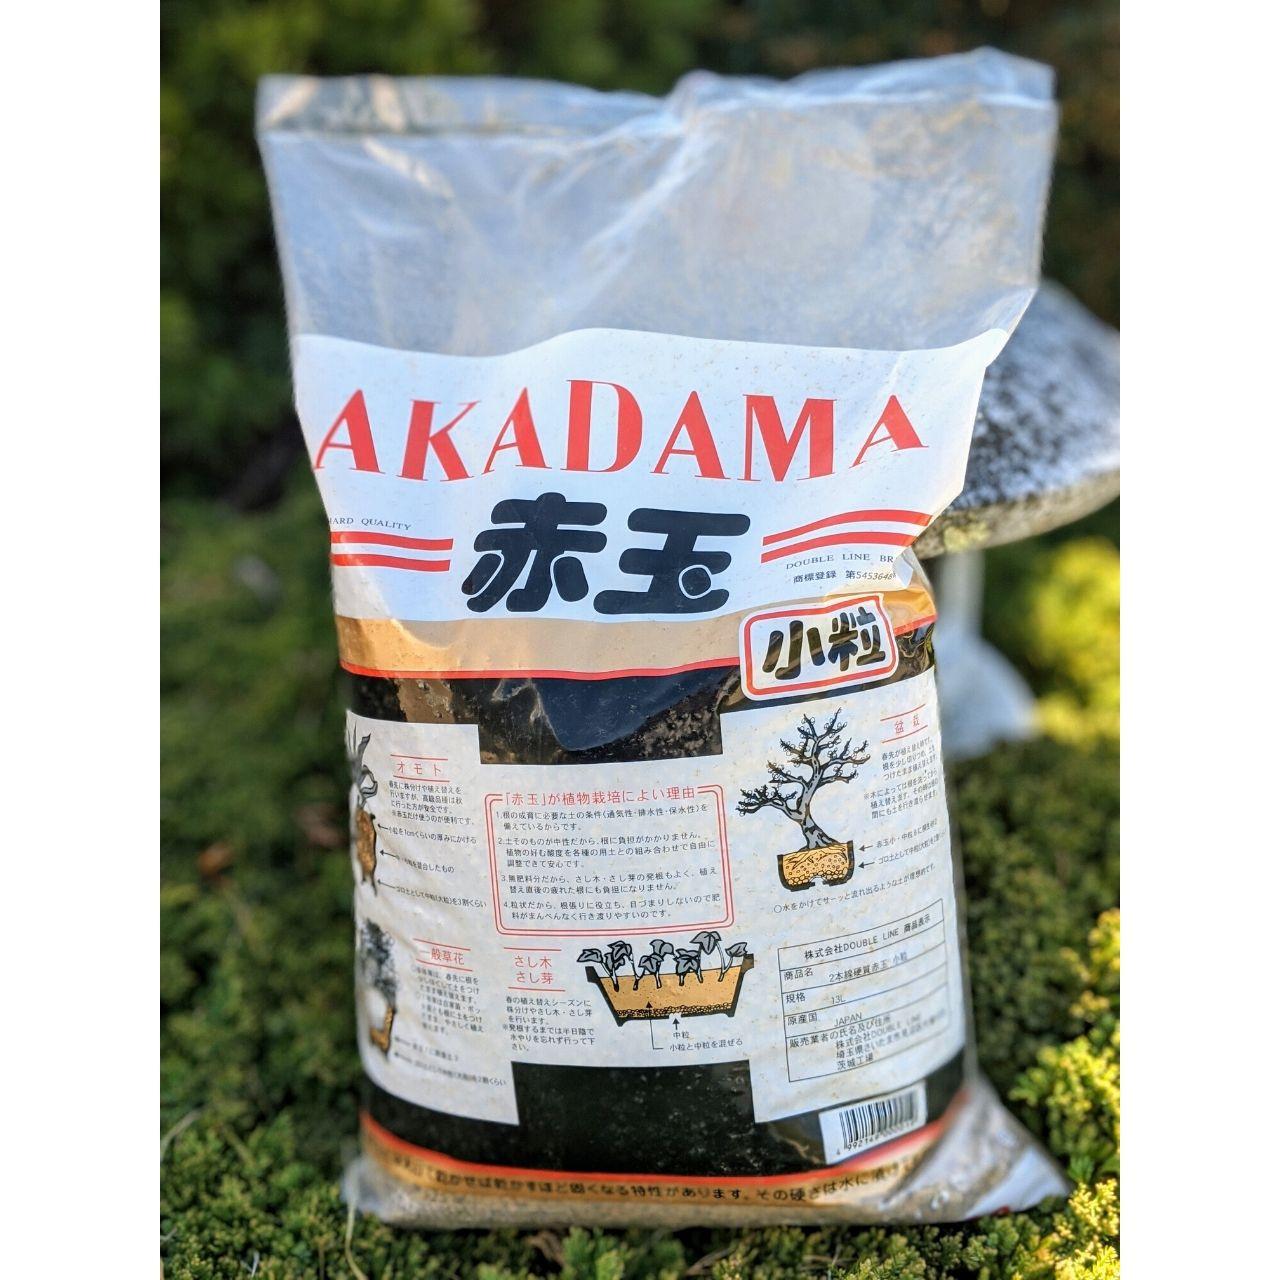 Soil Soil Amendments Akadama Bonsai Soil Mix 4 Bag Sizes Medium Grain Home Garden Coijaksklep Pl